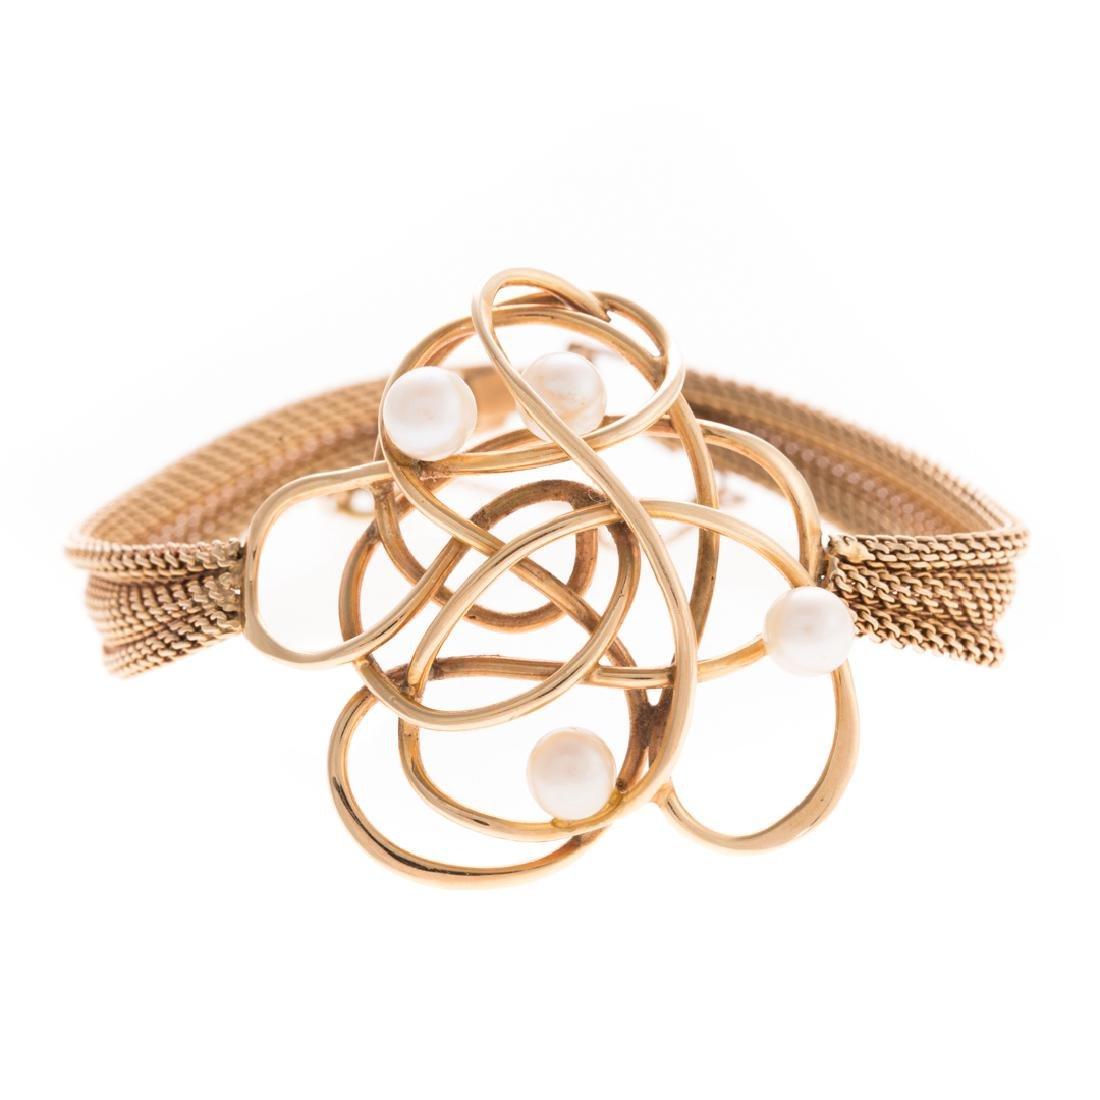 A Whimsical 14K & Pearl Bracelet